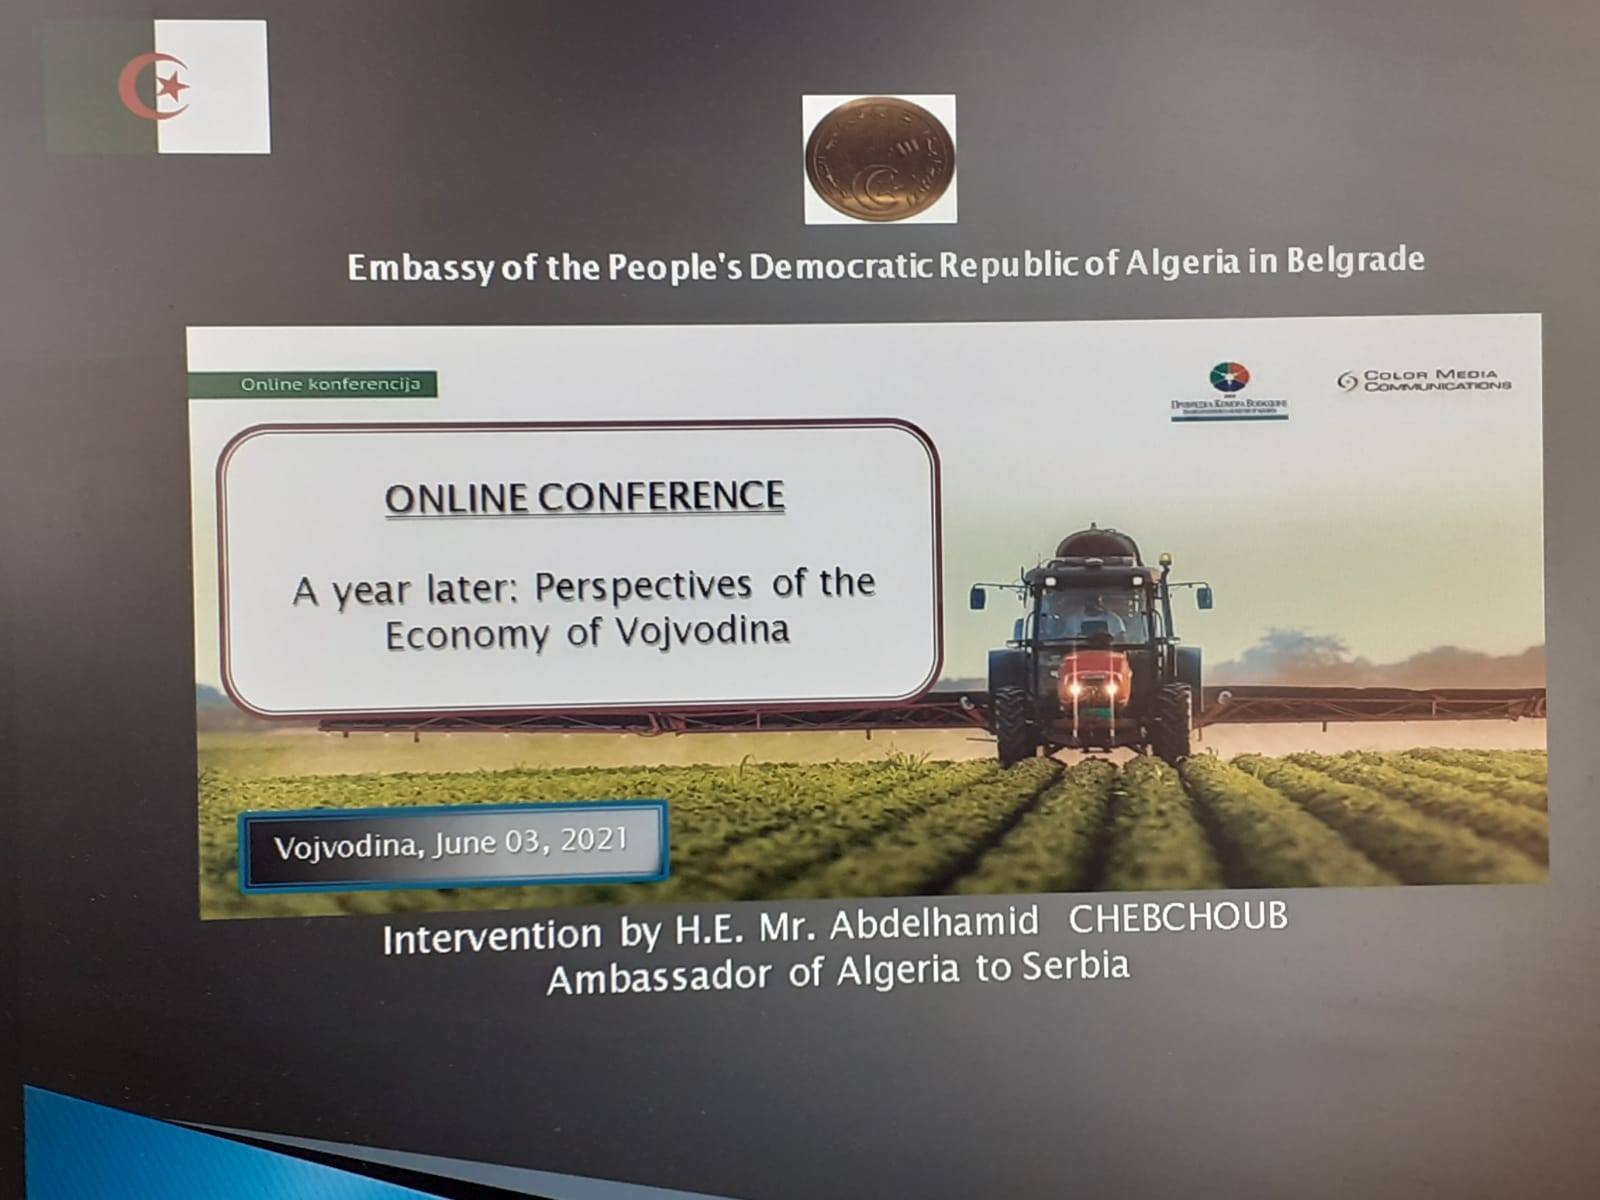 L'ambassadeur d'Algerie participe à une conférence sur les perspectives de l'économie de la Vojvodine